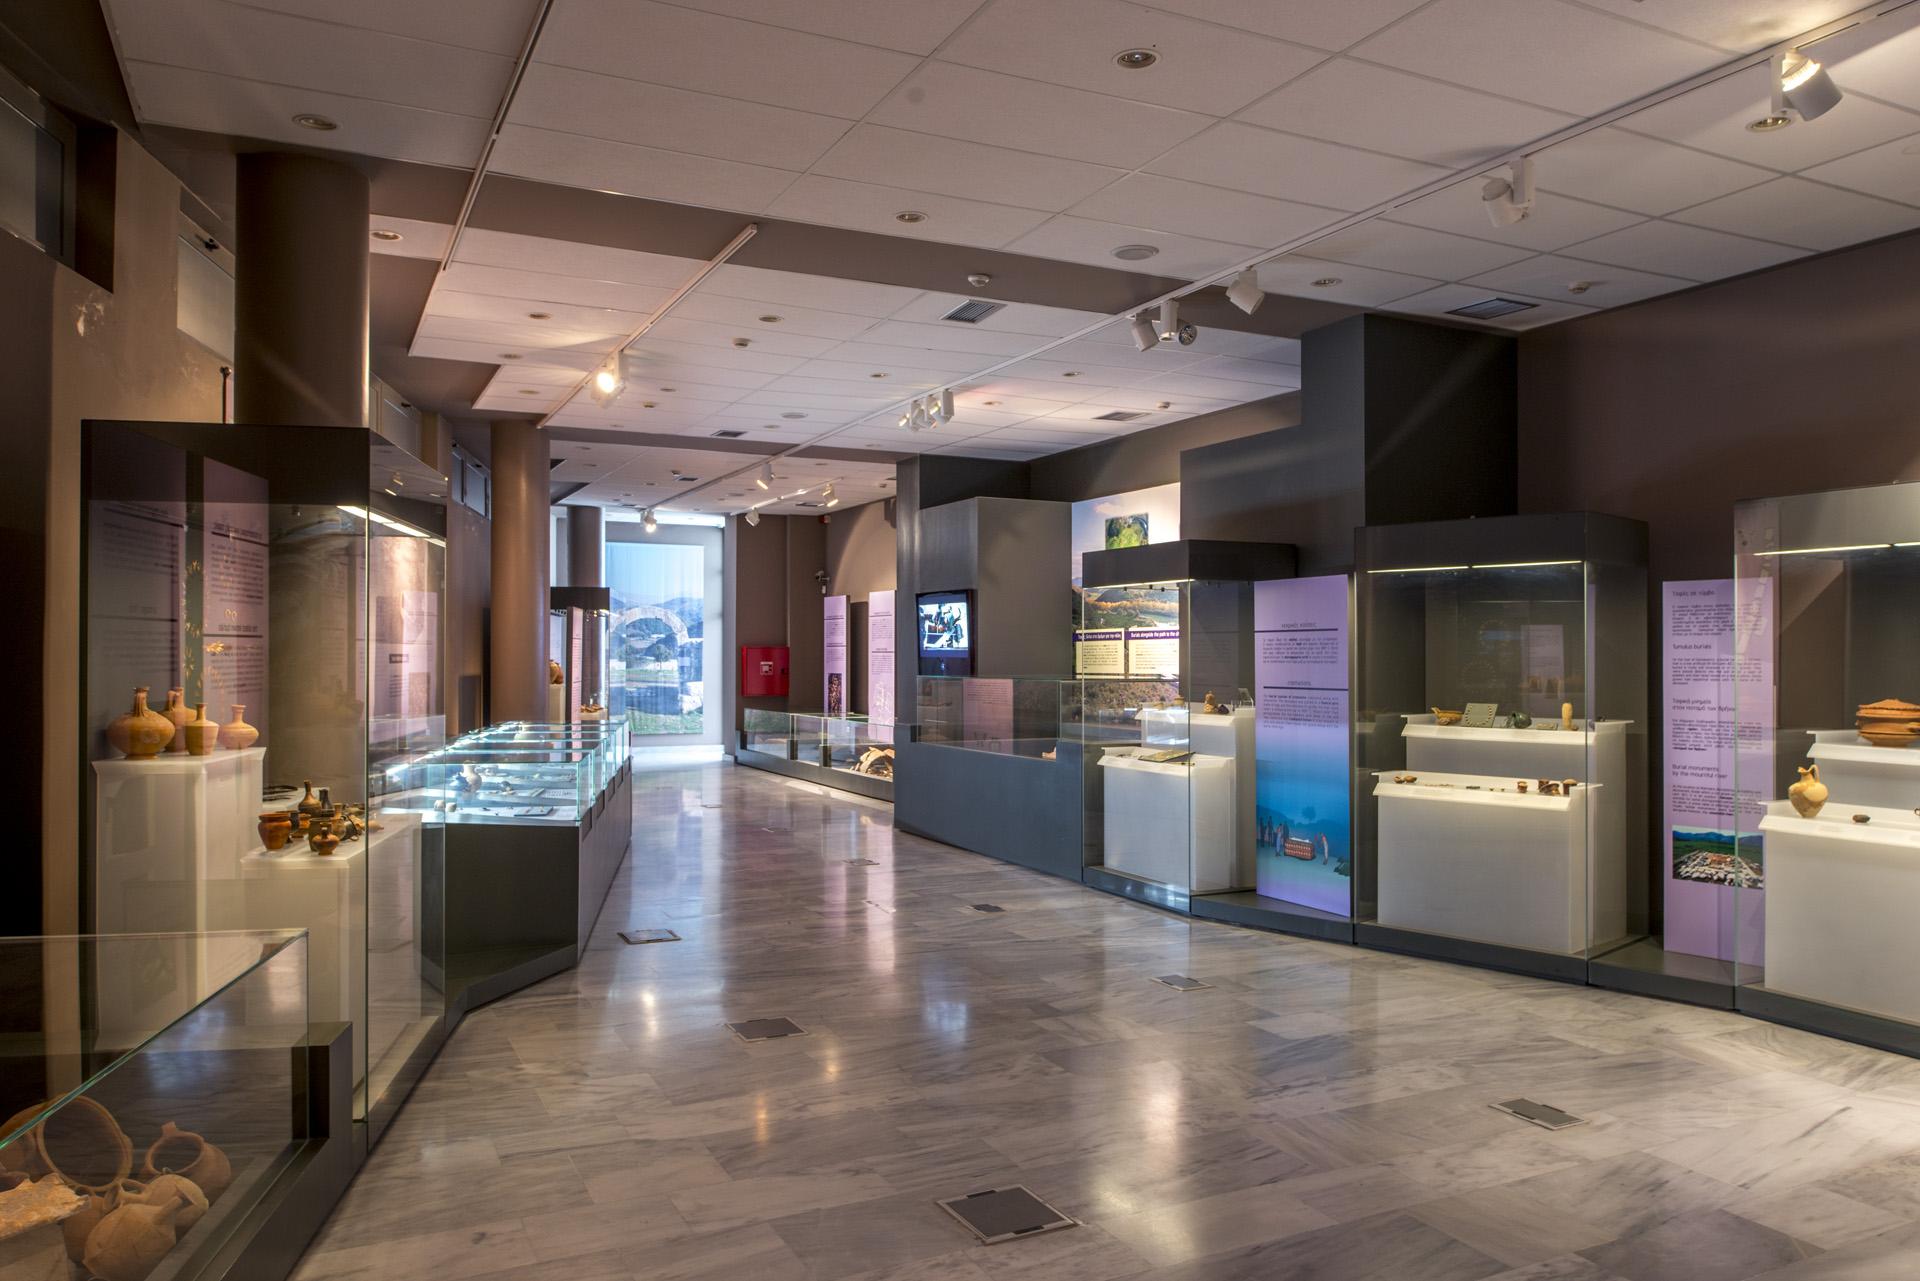 Θεσπρωτία: Αρχαιολογικό Μουσείο Ηγουμενίτσας - Εκπαιδευτική δράση για σχολικές ομάδες της Γ΄ και Δ΄ Τάξης Δημοτικού